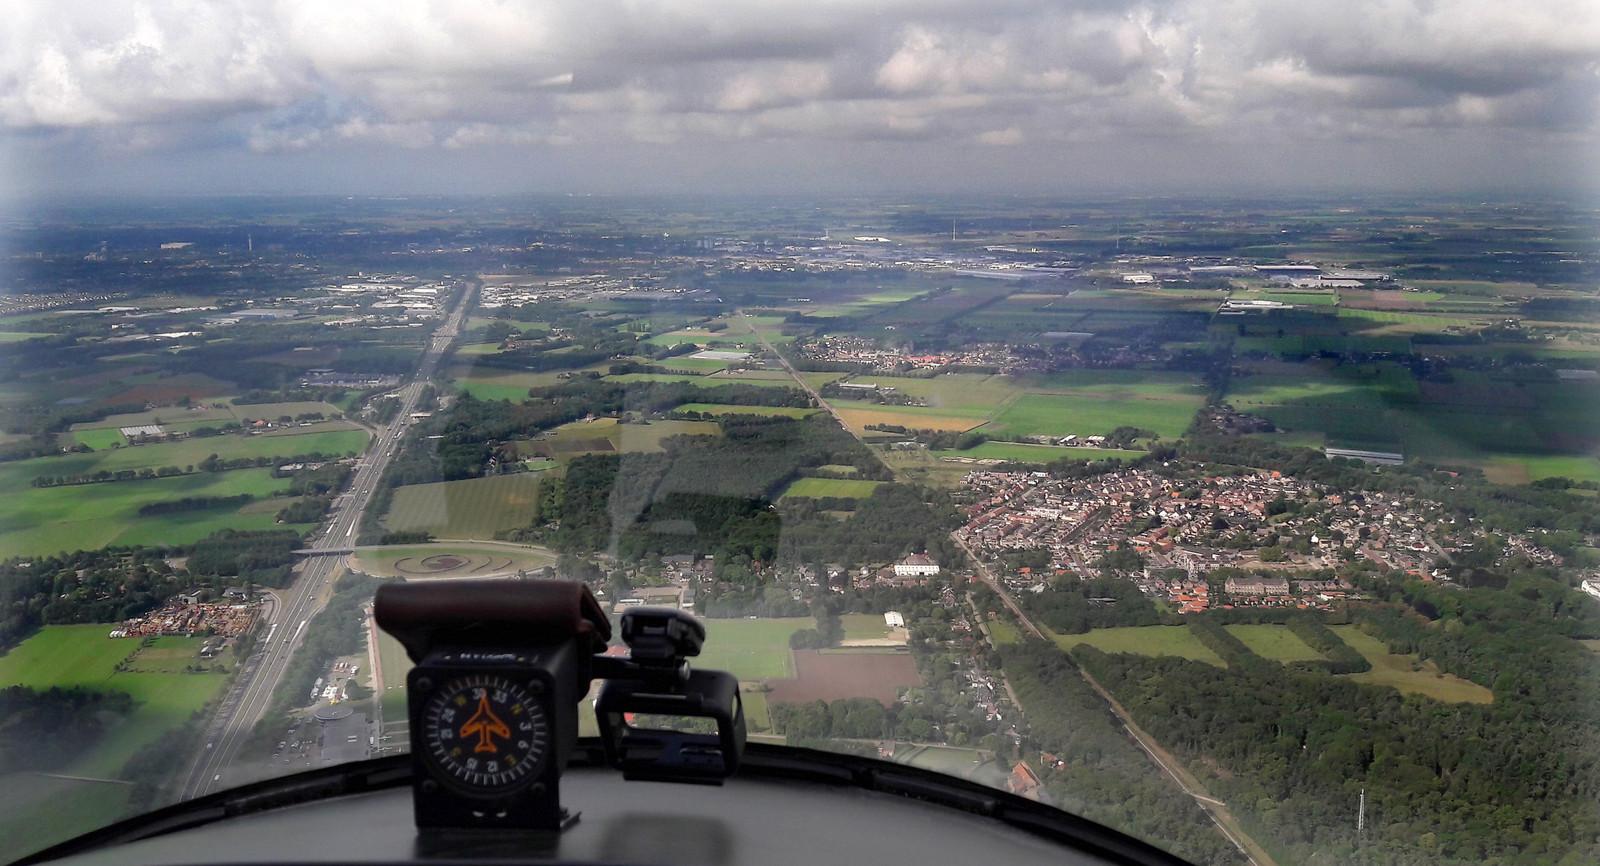 Blik op Roosendaal vanuit de gyrocopter